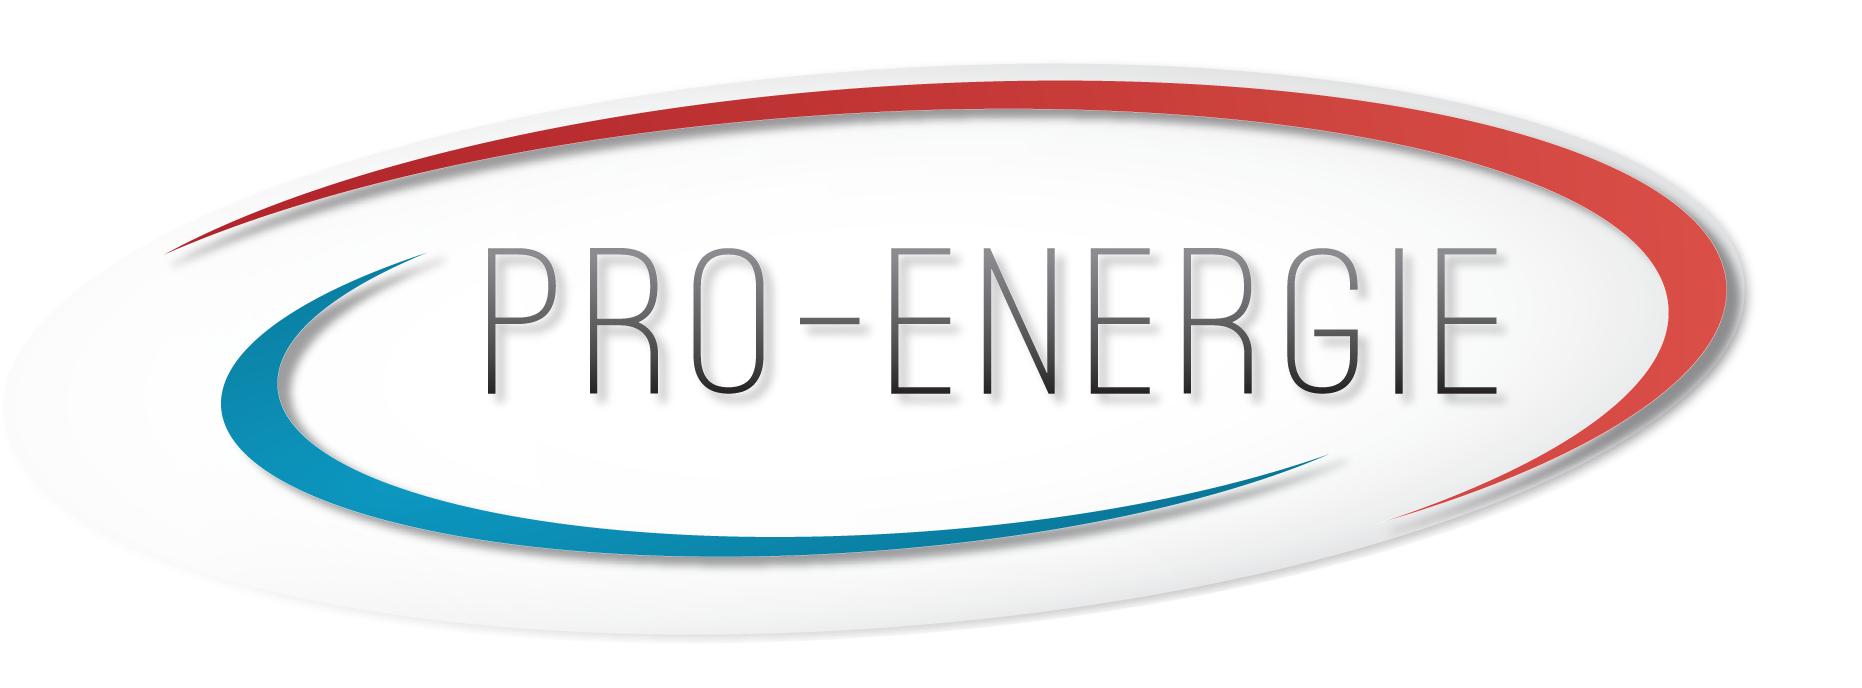 Pro energie